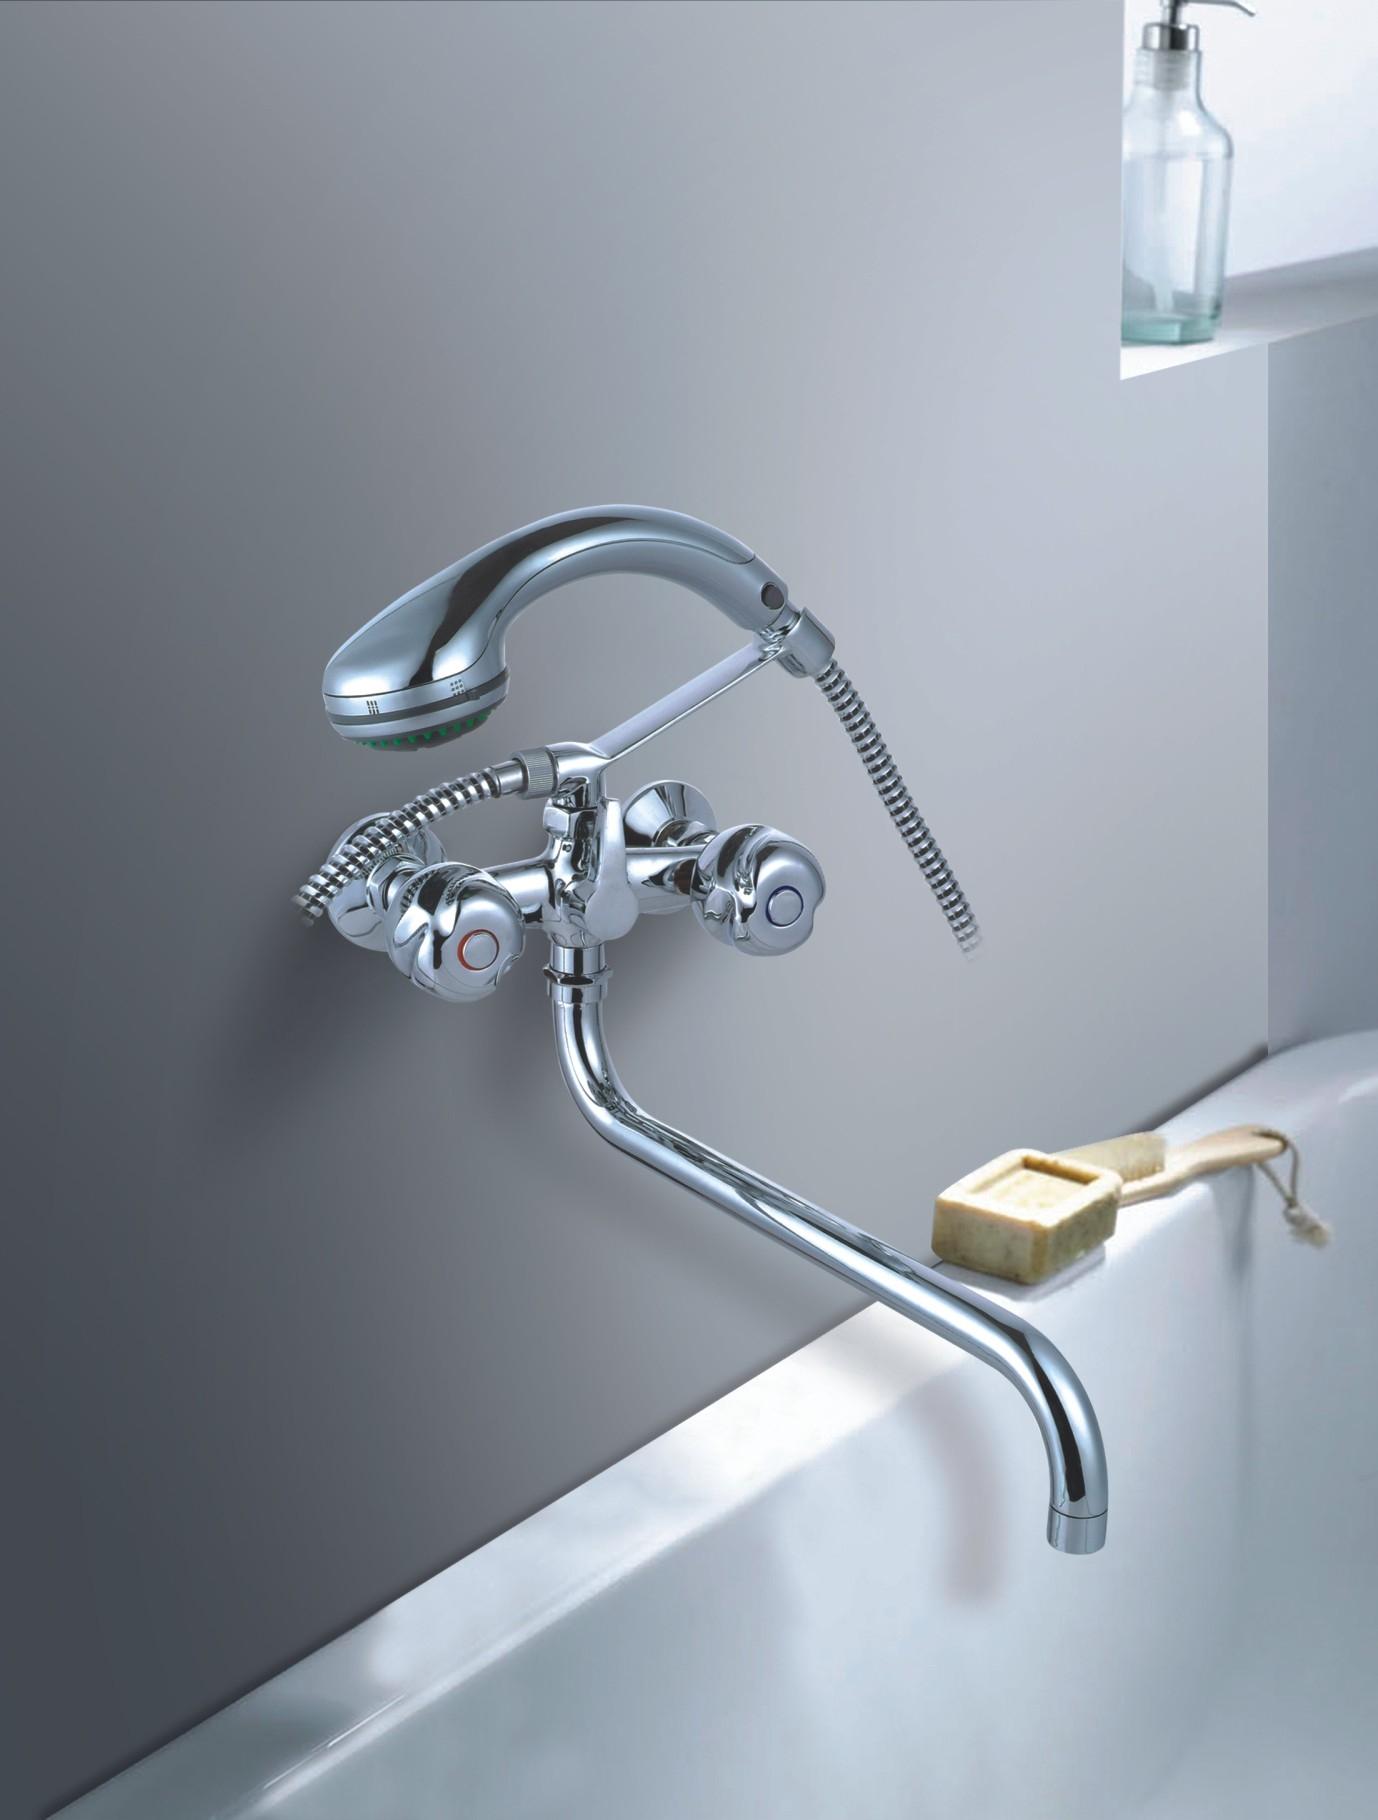 attach shower head to bathtub faucet attach shower head to bathtub faucet bathroom gorgeous bathtub faucet with shower head attached 46 1378 x 1820